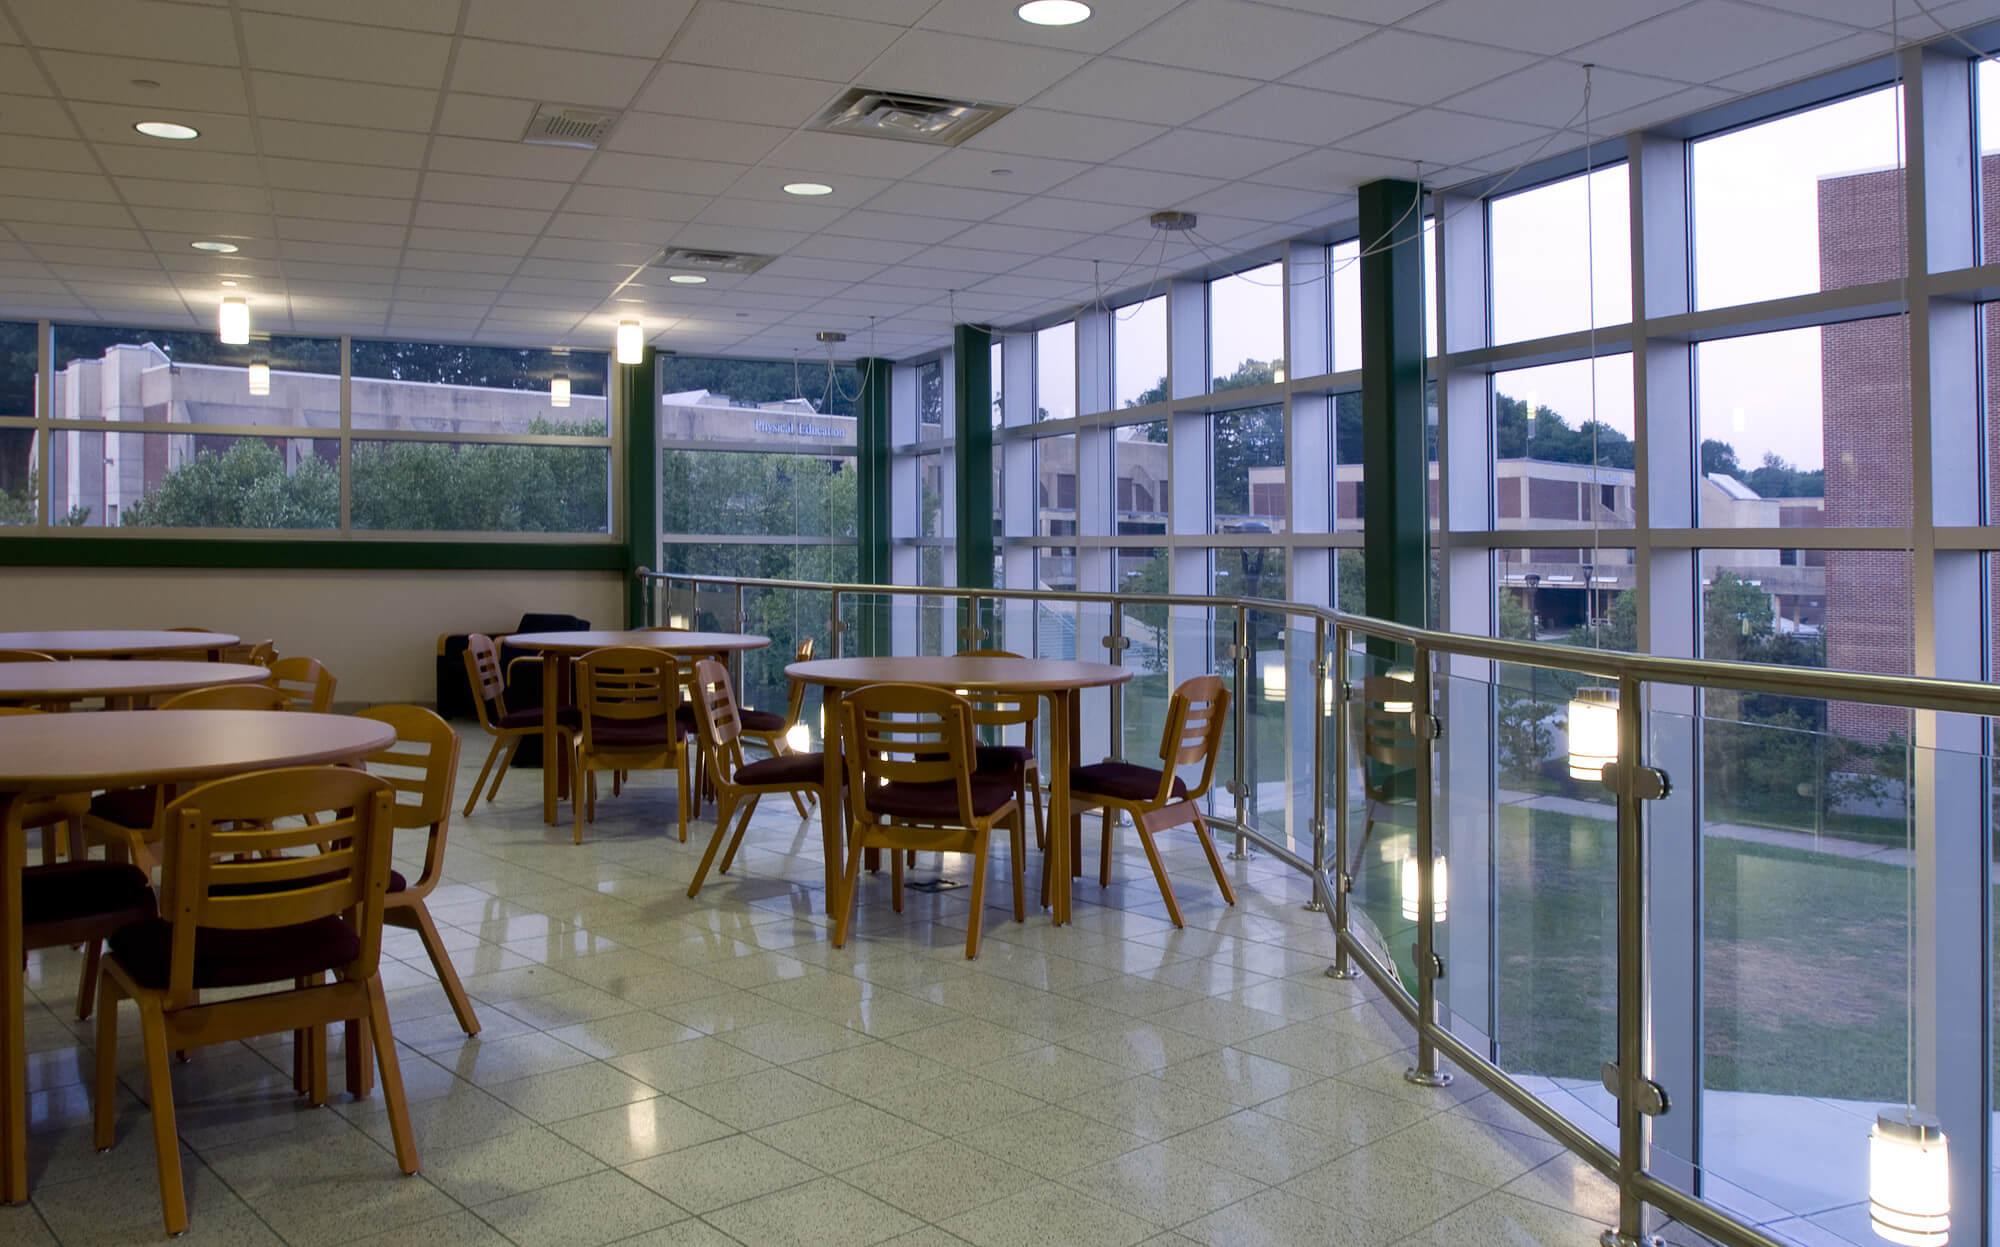 Community College Architecture 4